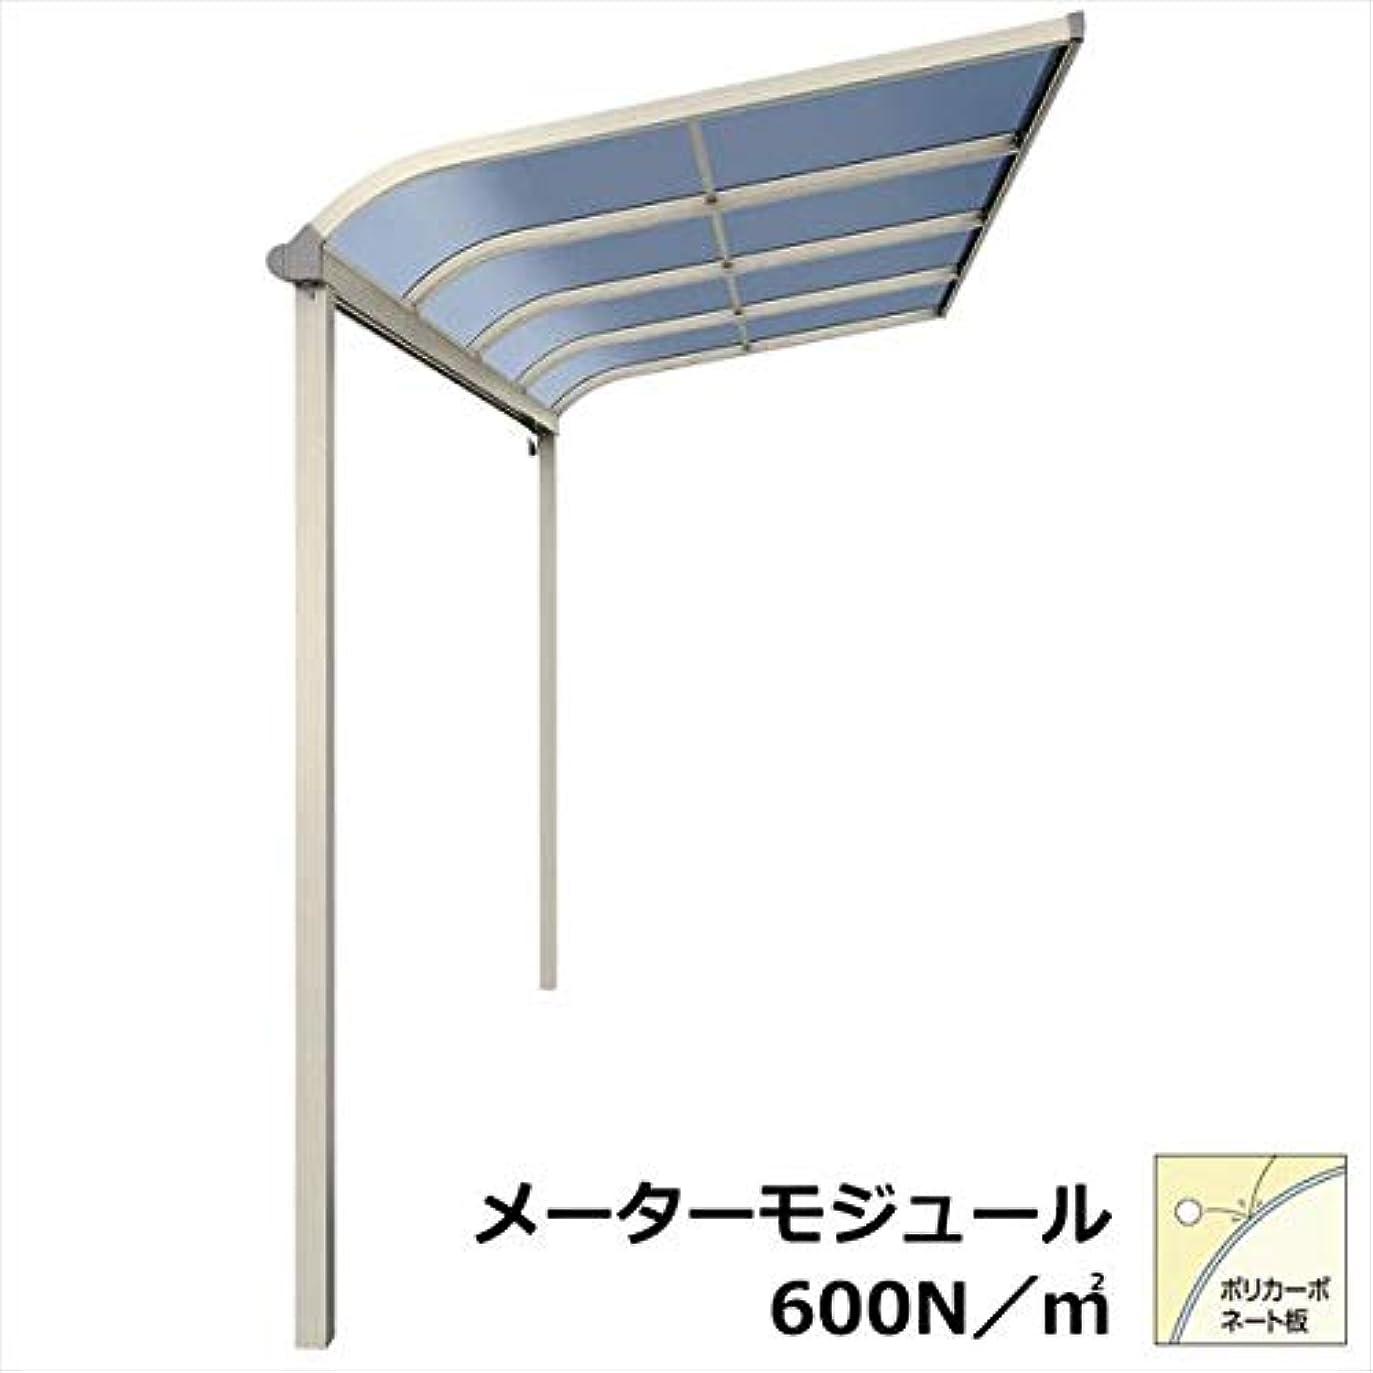 スリーブ研磨ファンブルYKKAP テラス屋根 ソラリア 4.5間×6尺 柱標準タイプ メーターモジュール アール型 600N/m2 ポリカ屋根 3連結 ロング柱 積雪20cm仕様 プラチナステン